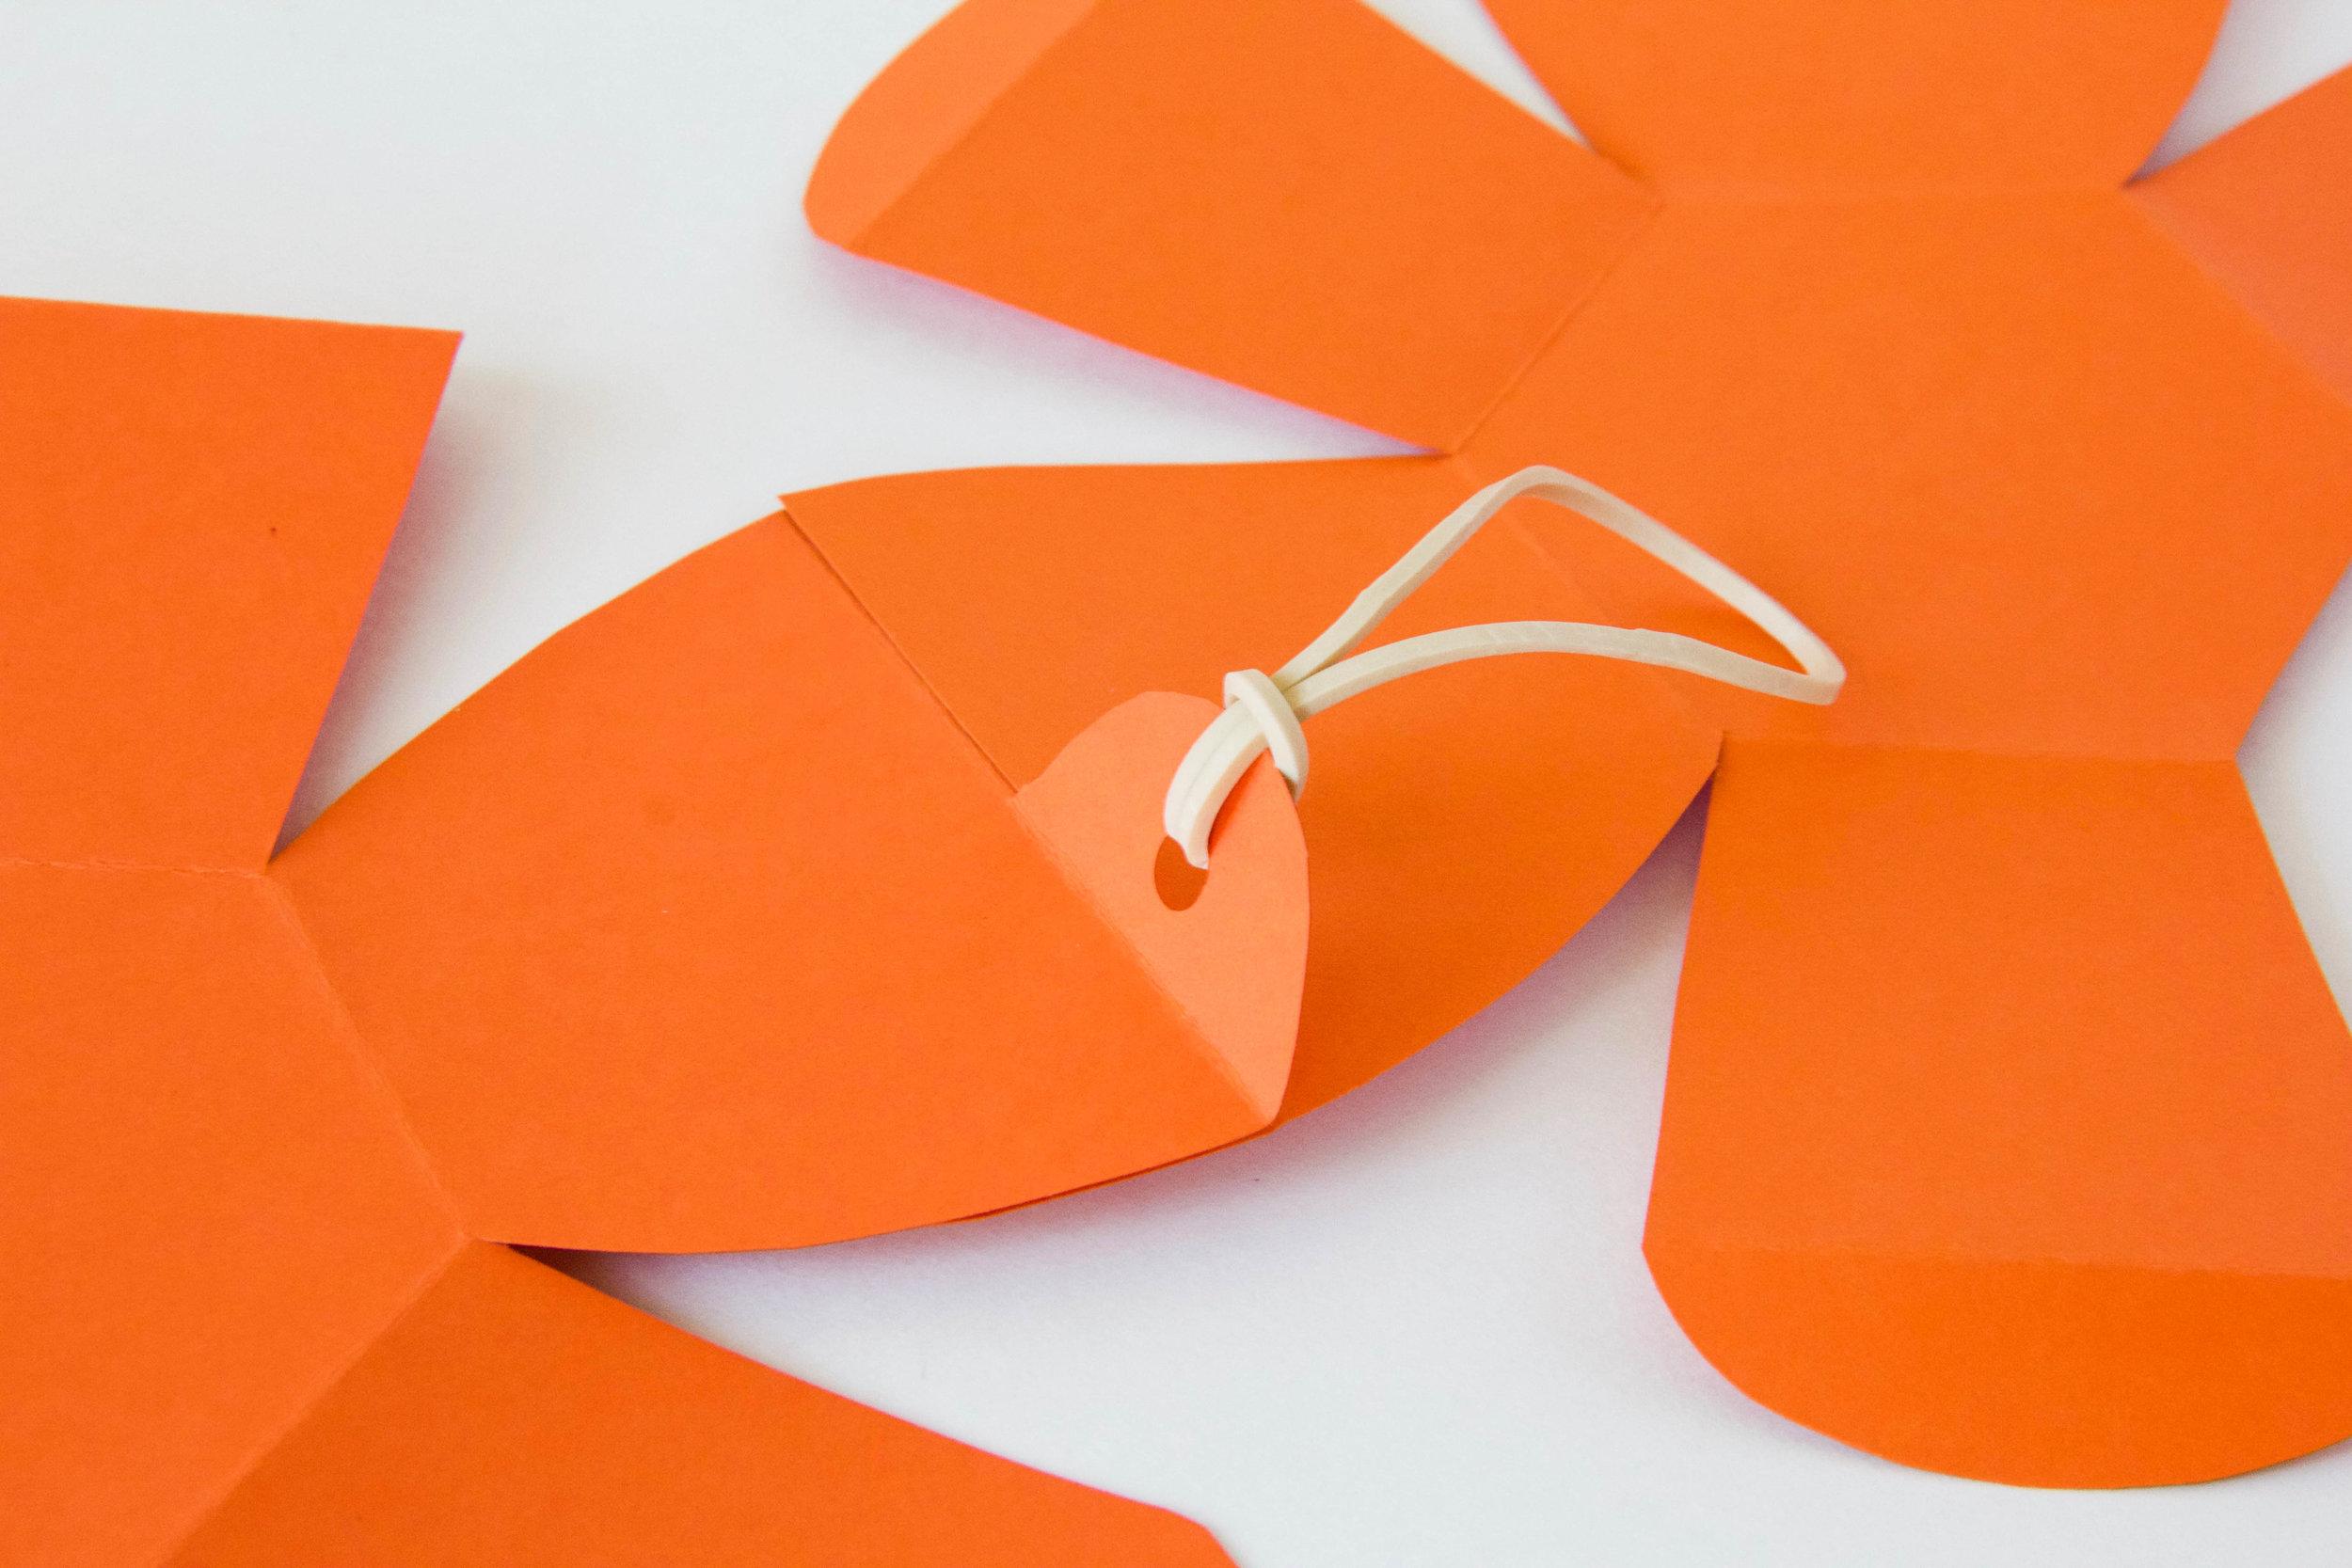 Crafts-Mickey-Pop-Up-Pumpkin-Matthew-Reinhart-1.jpg